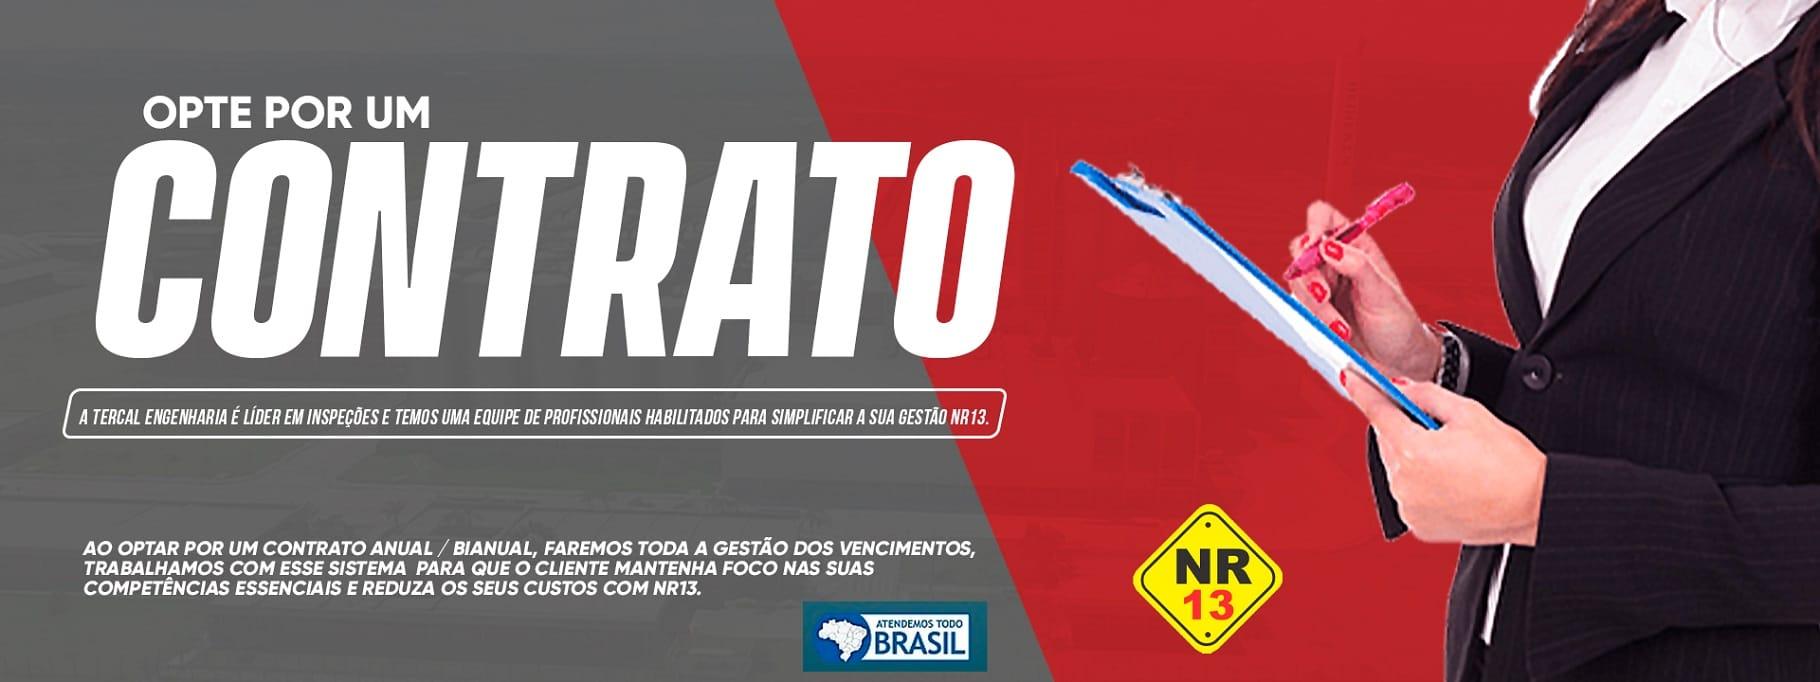 Contrato de inspeção NR13